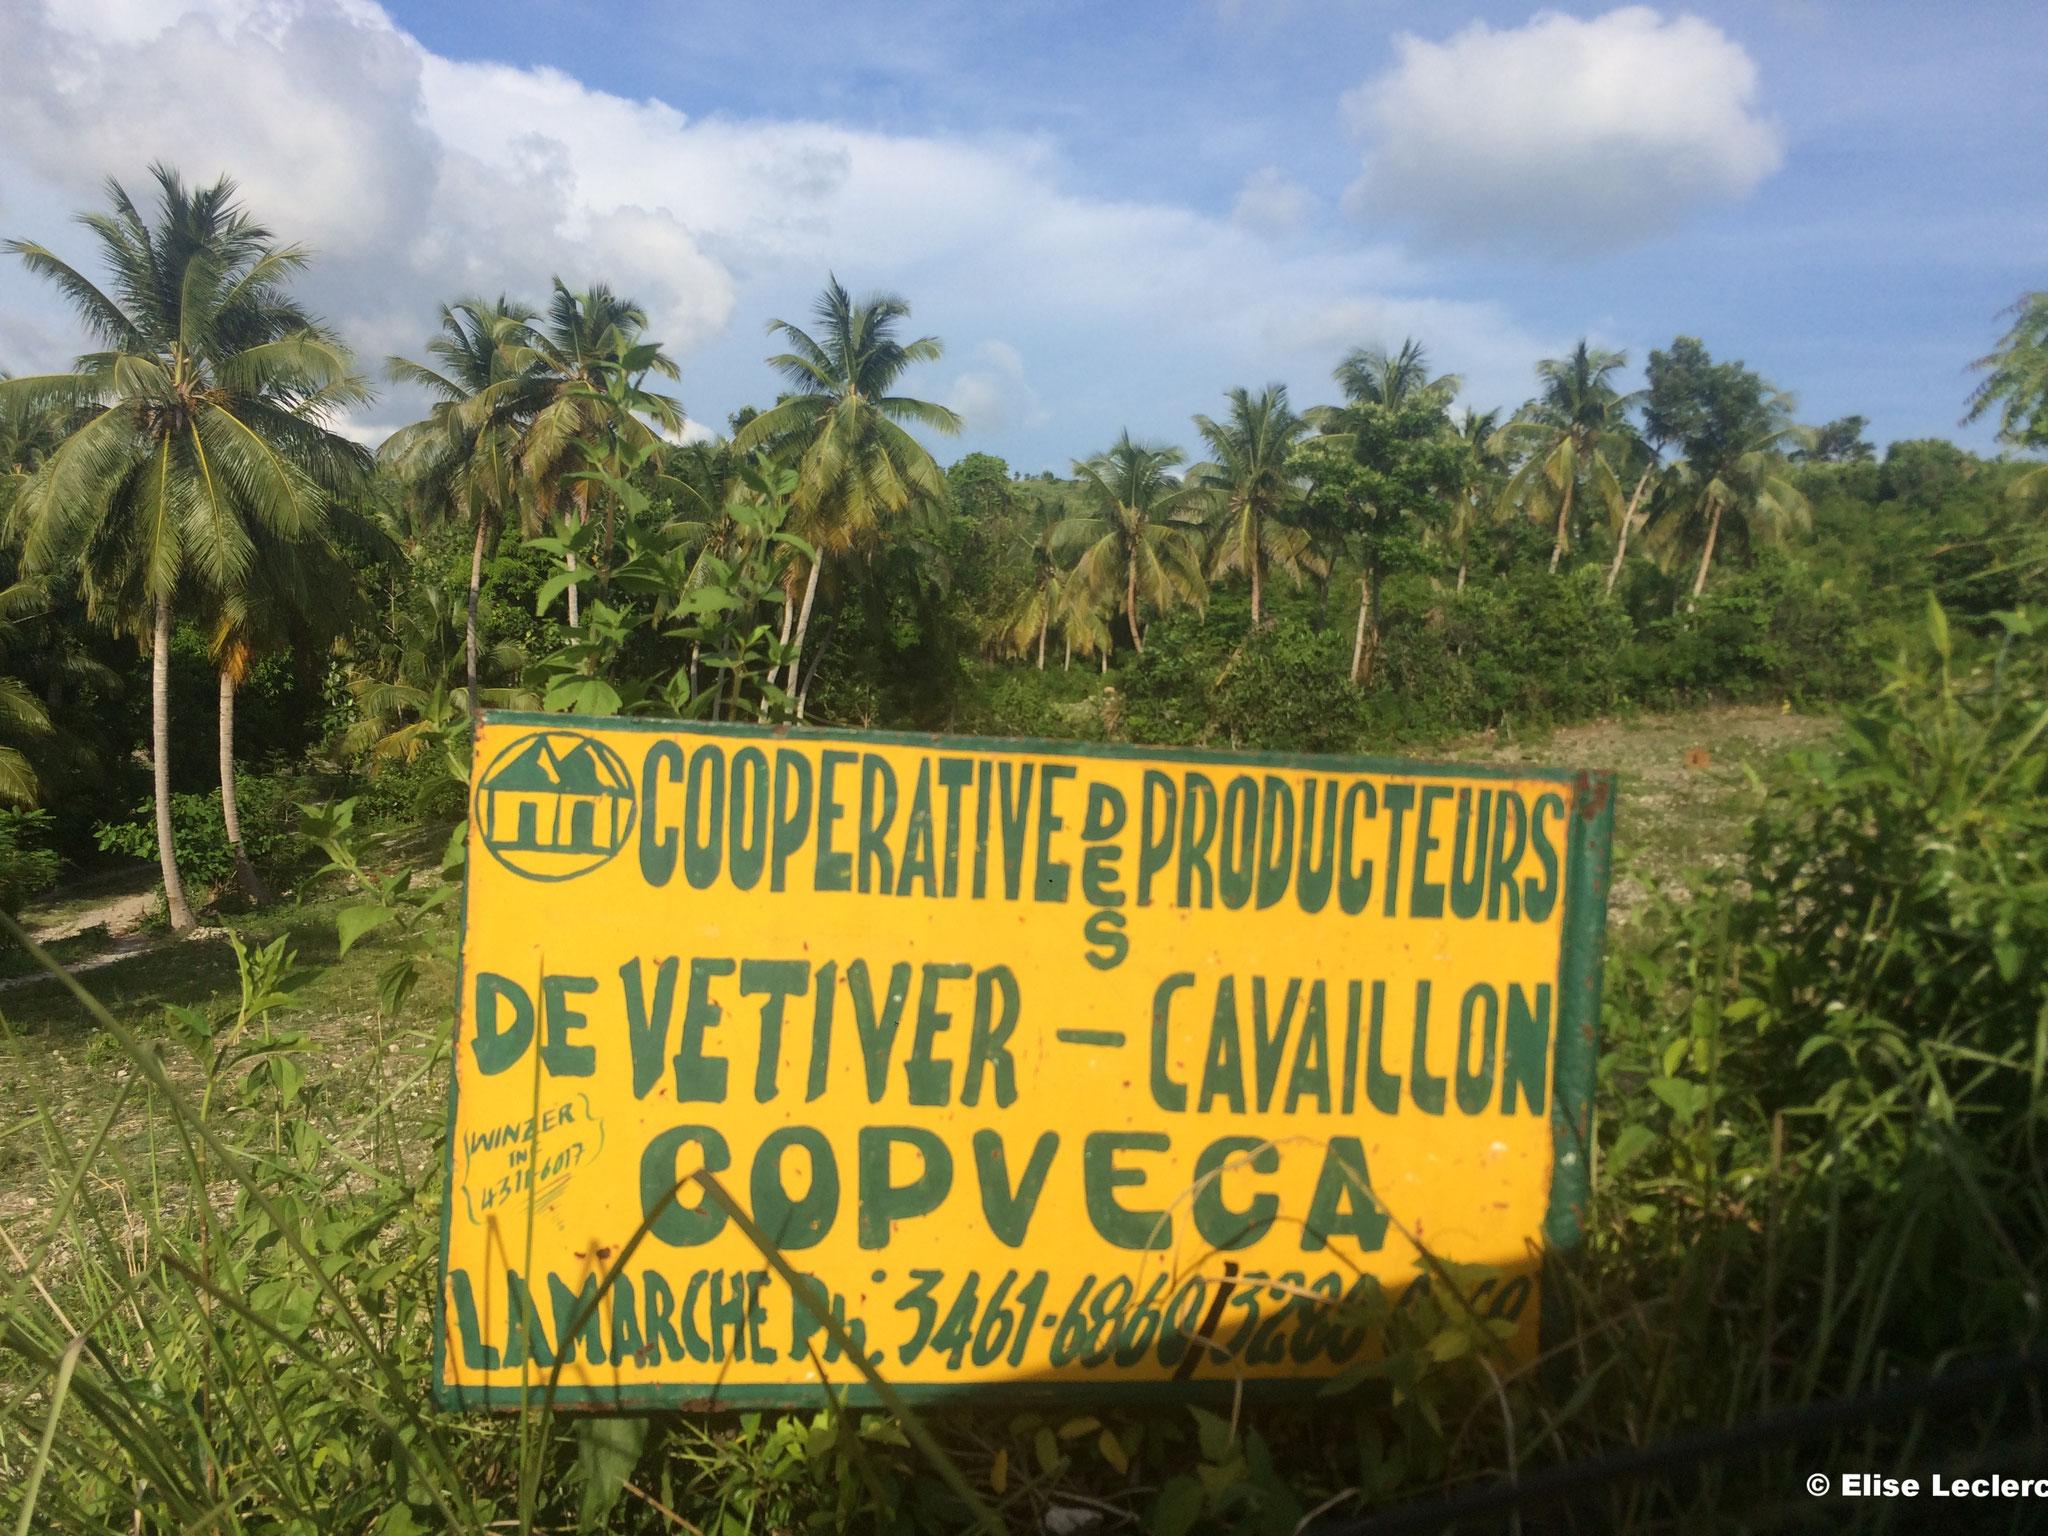 COPVECA - Coopérative de vétiver de Cavaillon